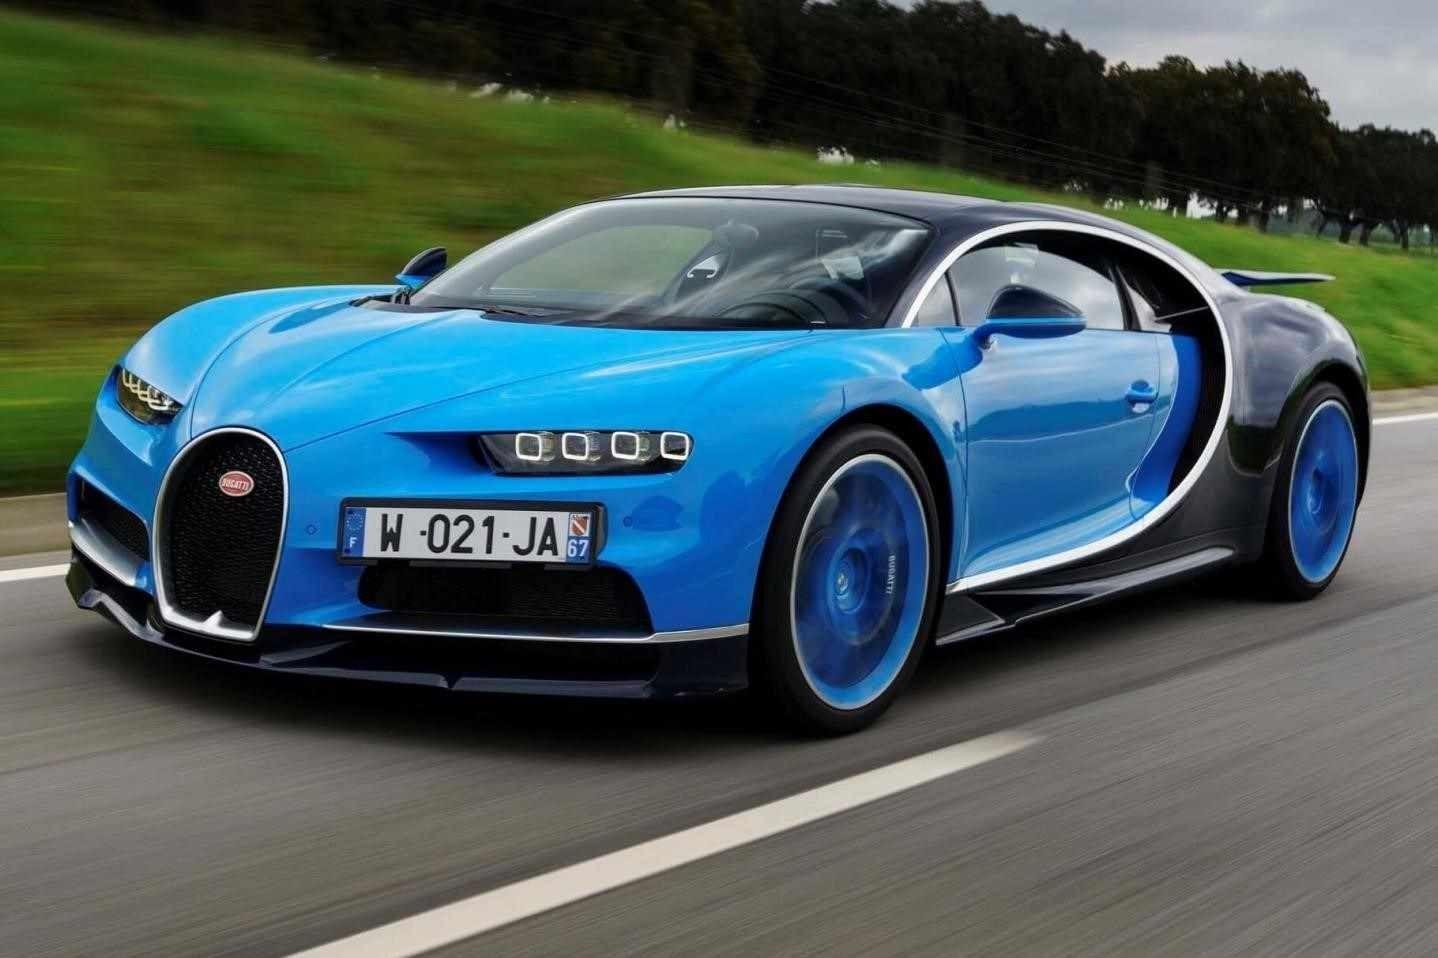 Суперкар Бугатти Veyron получит продленную до15 лет заводскую гарантию